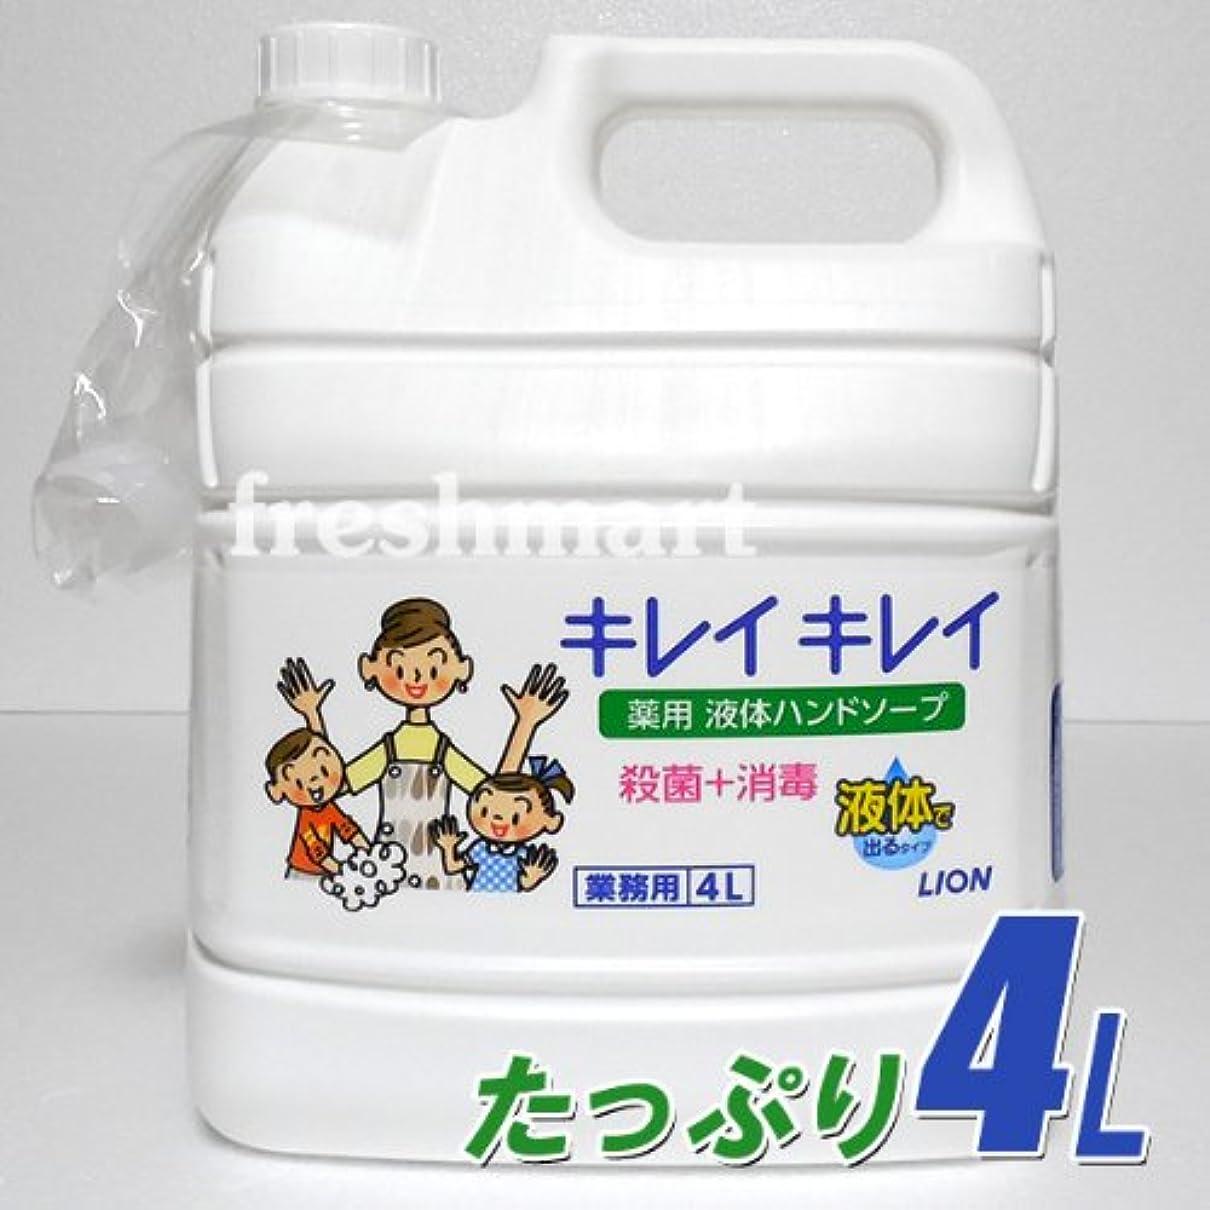 ☆100%植物性洗浄成分使用☆ ライオン キレイキレイ 薬用液体ハンドソープ つめかえ用4L 業務用 大容量 ボトル